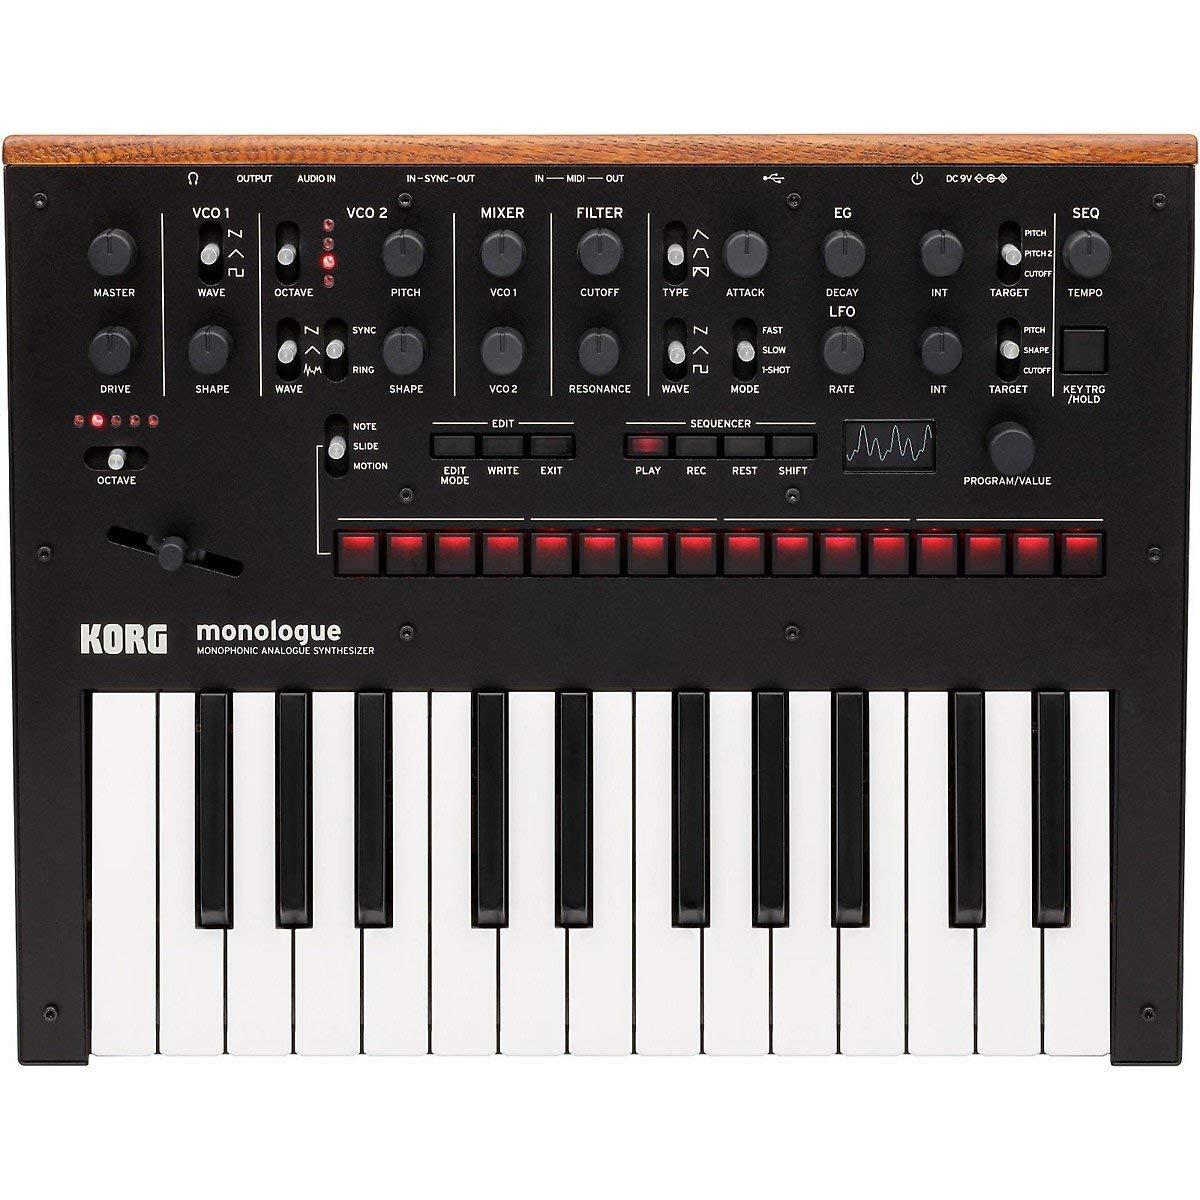 Korg Monologue Monophonic Analog Synthesizer with Presets-Black (MONOLOGUEBK) (Renewed)